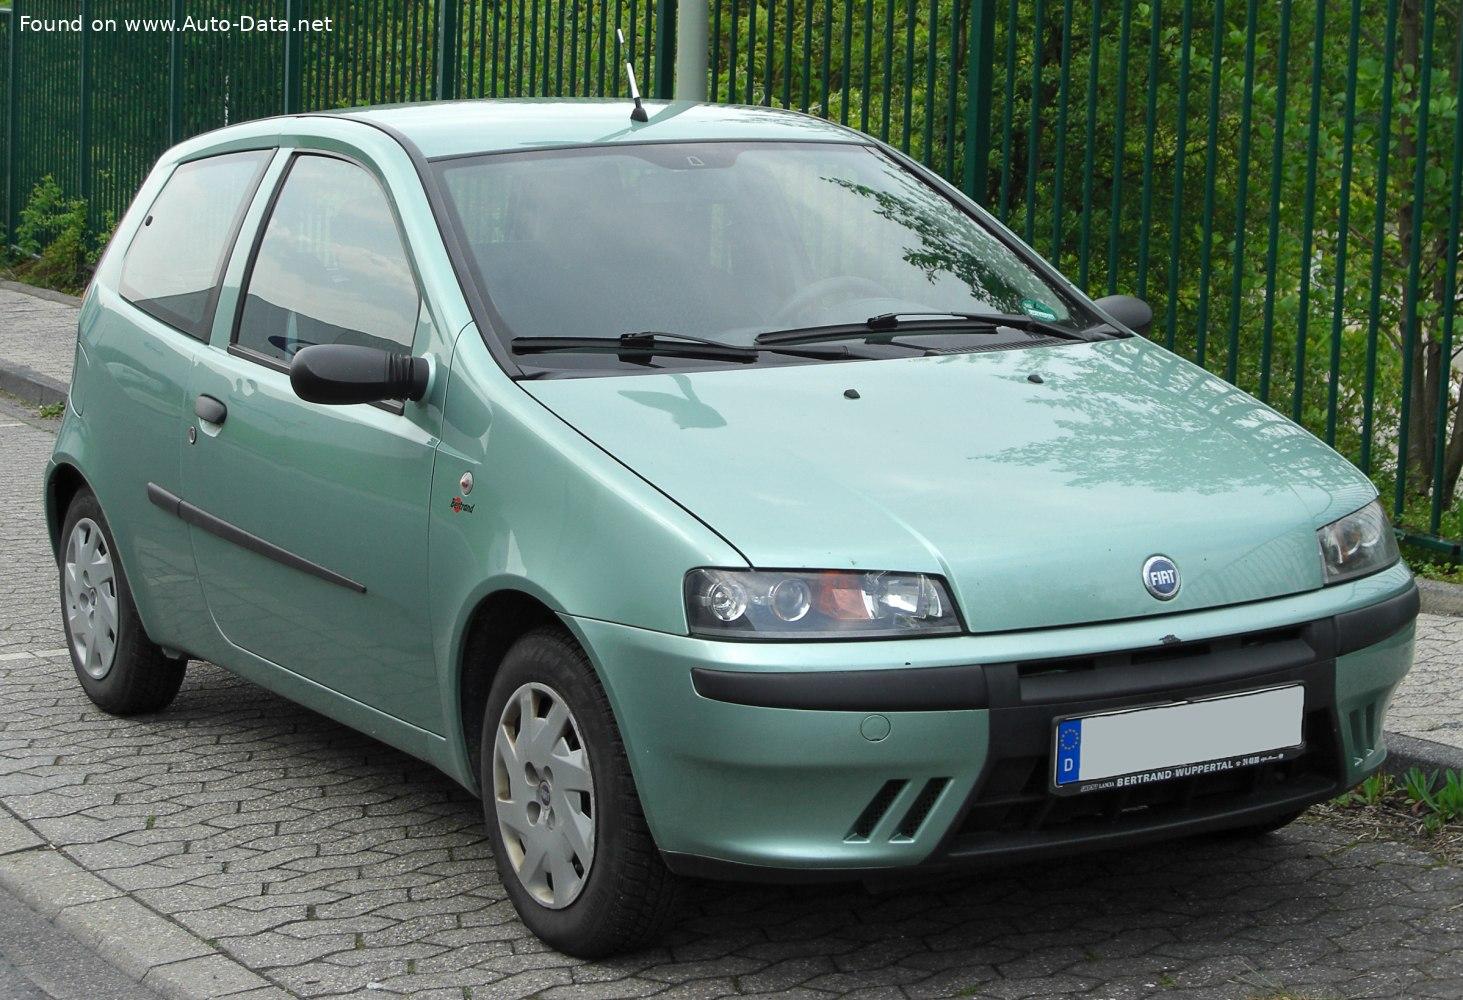 1999 Fiat Punto Ii 188 3dr 1 2 80 Hp Technical Specs Data Fuel Consumption Dimensions